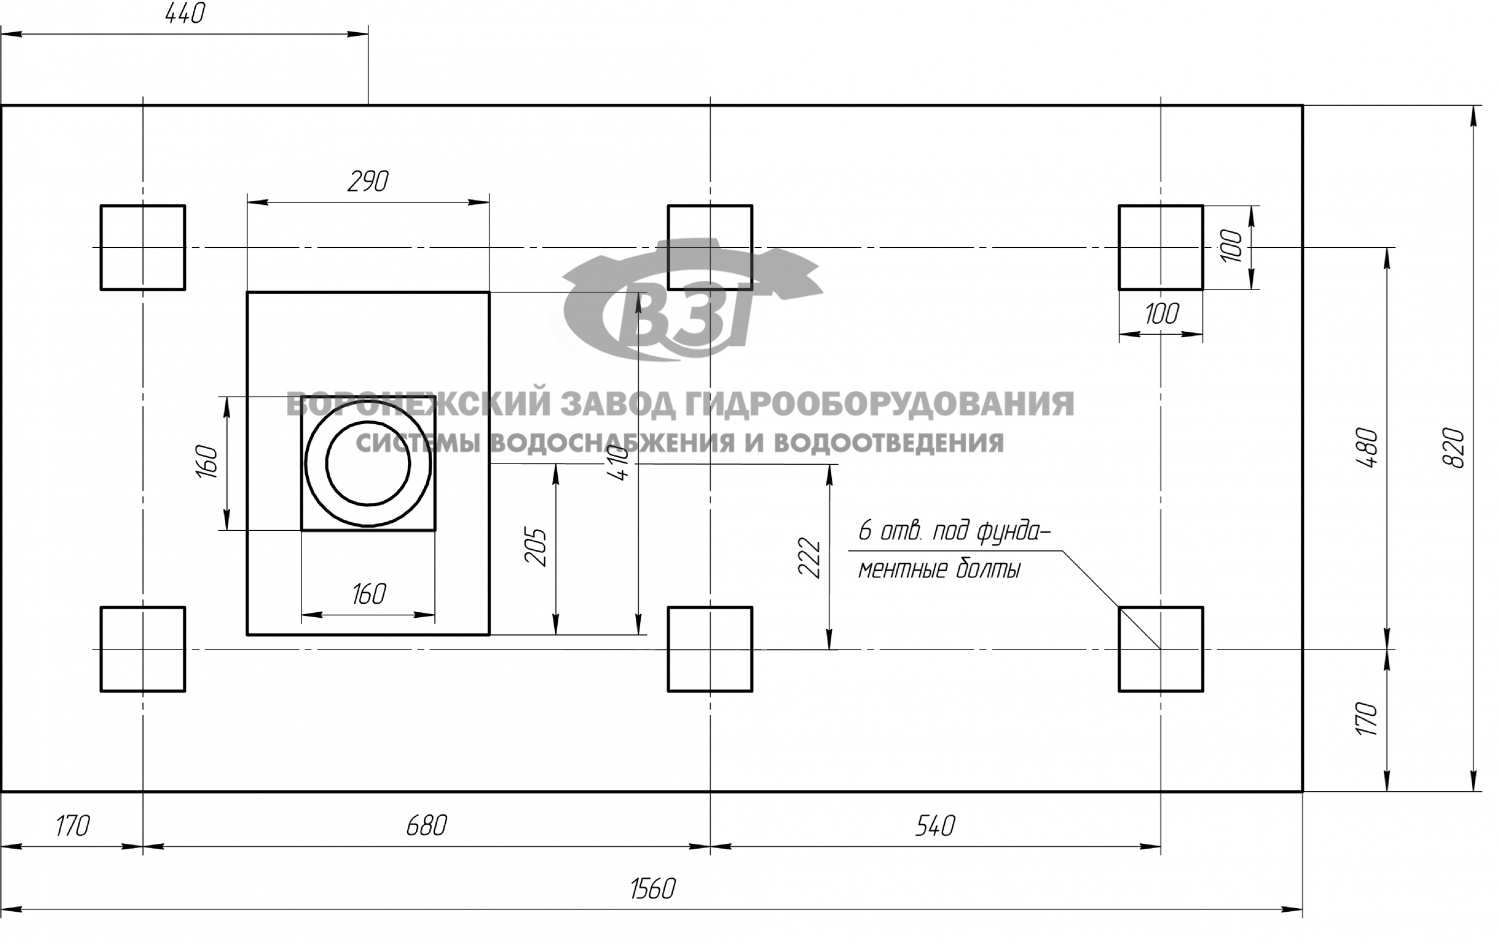 Дробилка д 3в завод оператор дробильной установки в Новочеркасск